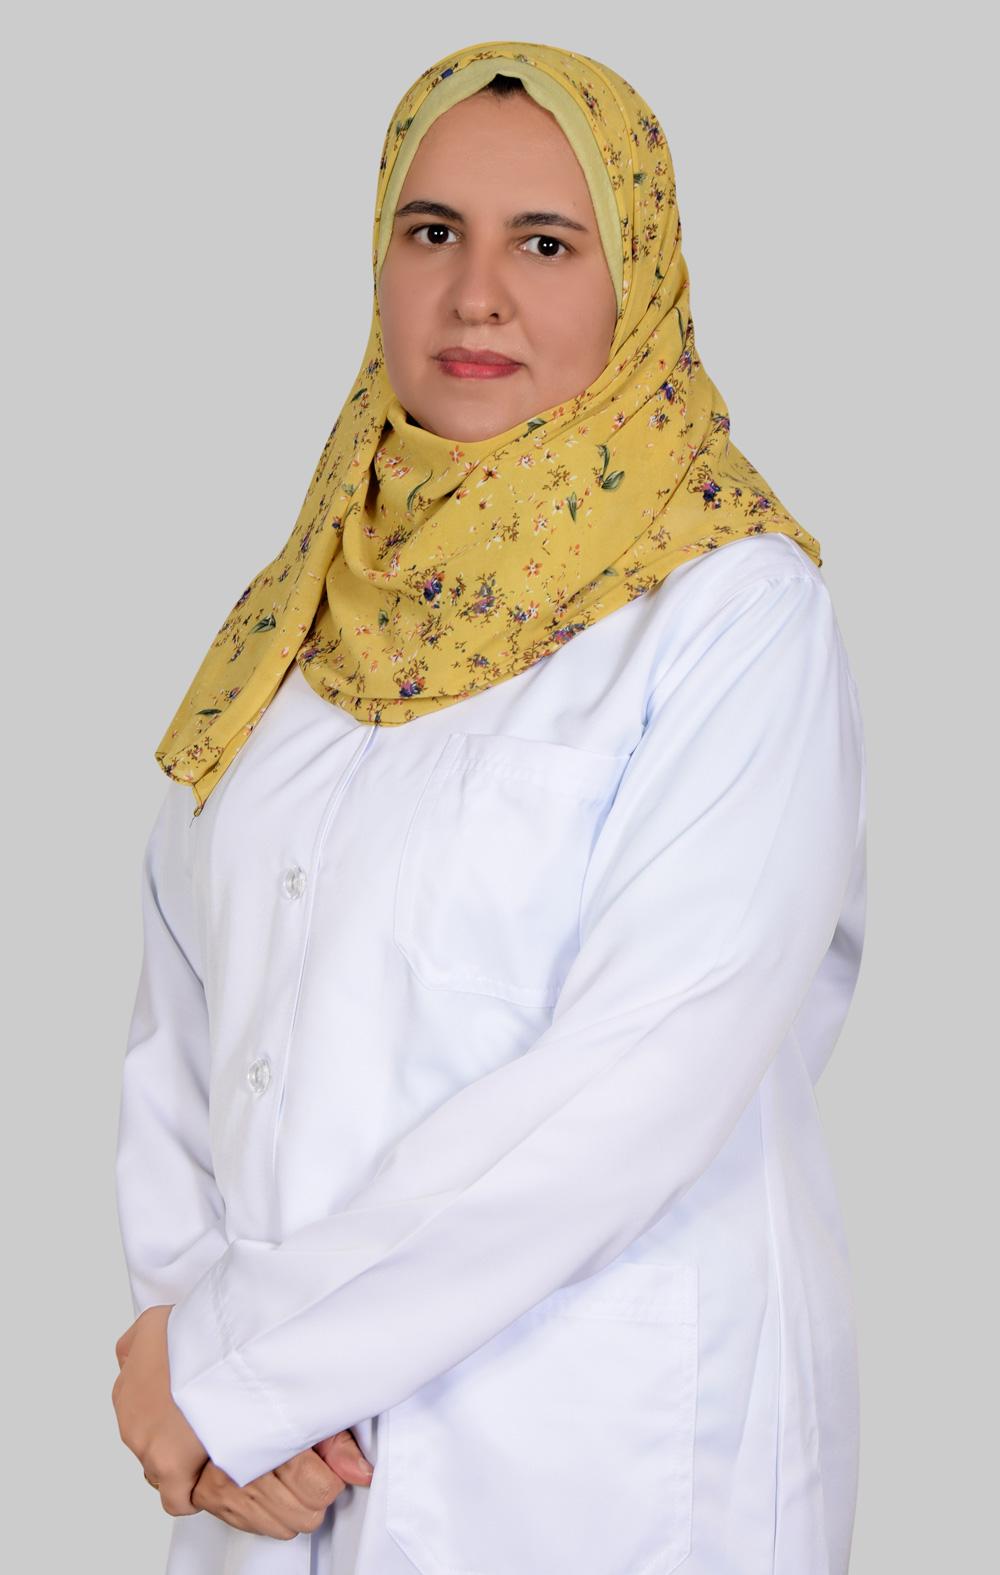 د. إسلام صابر